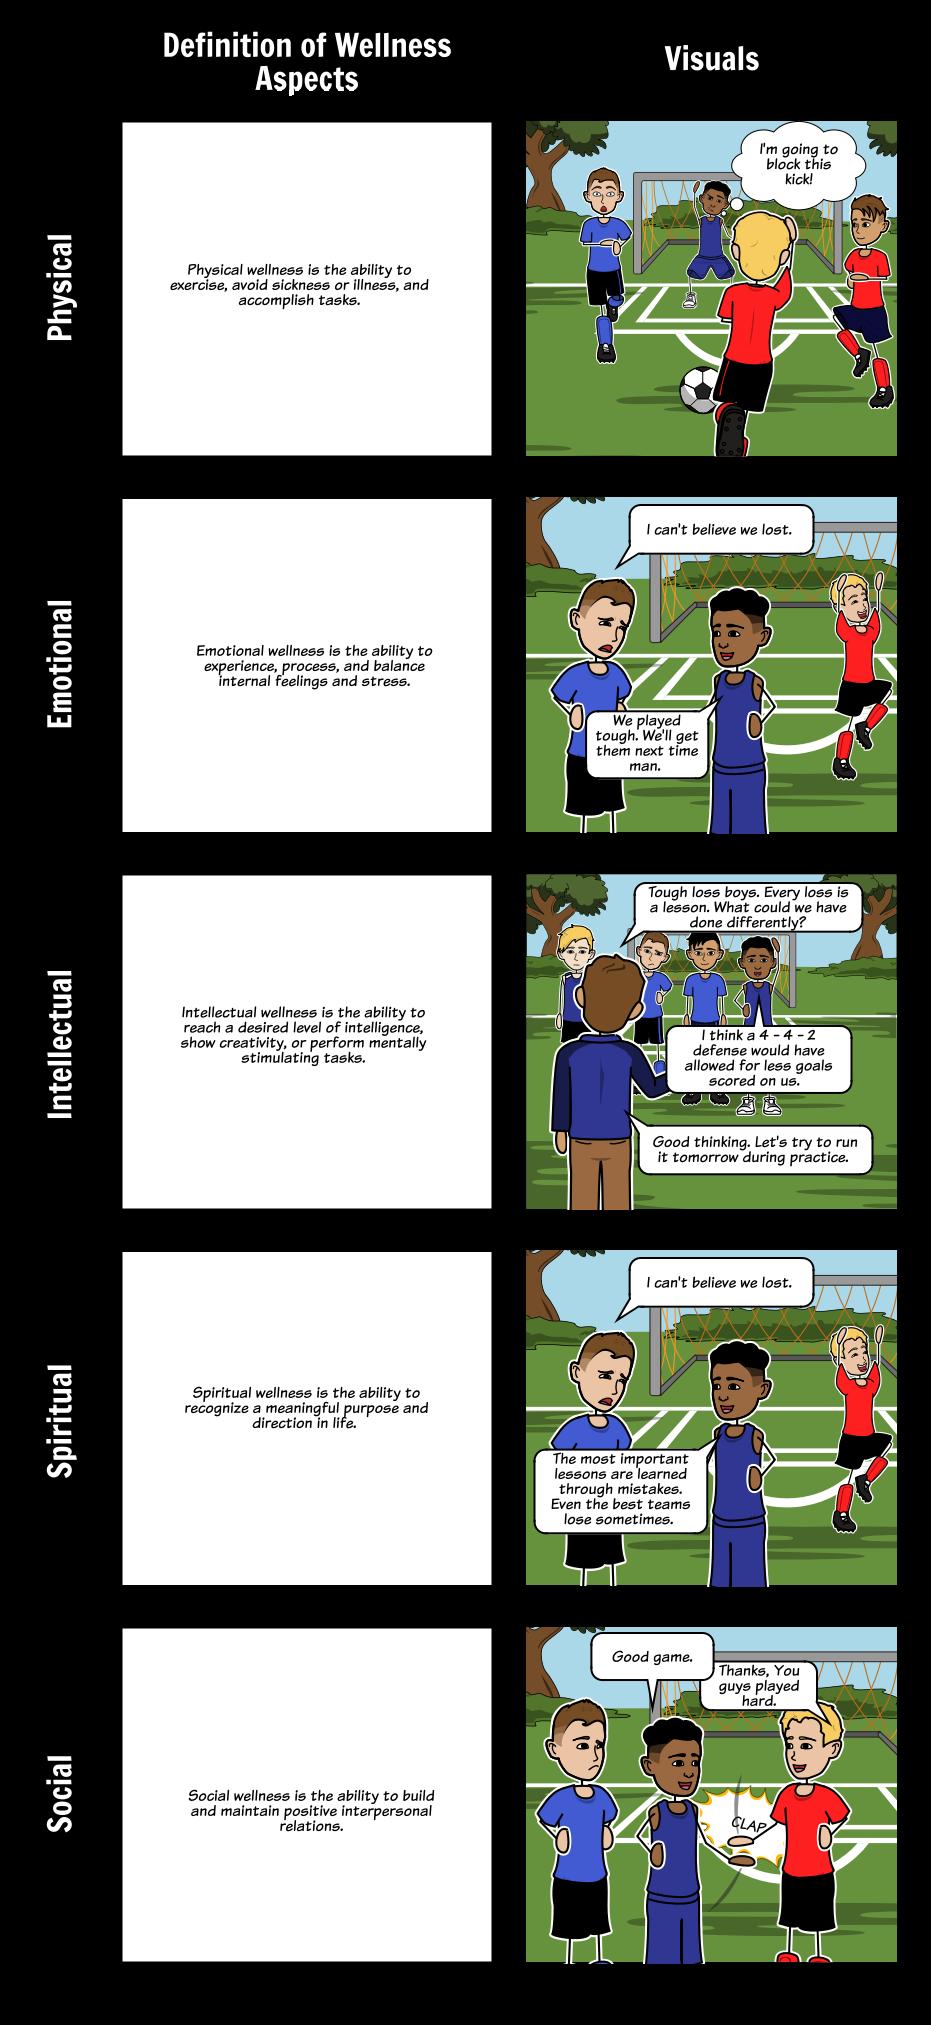 أمثلة شخصية من العافية